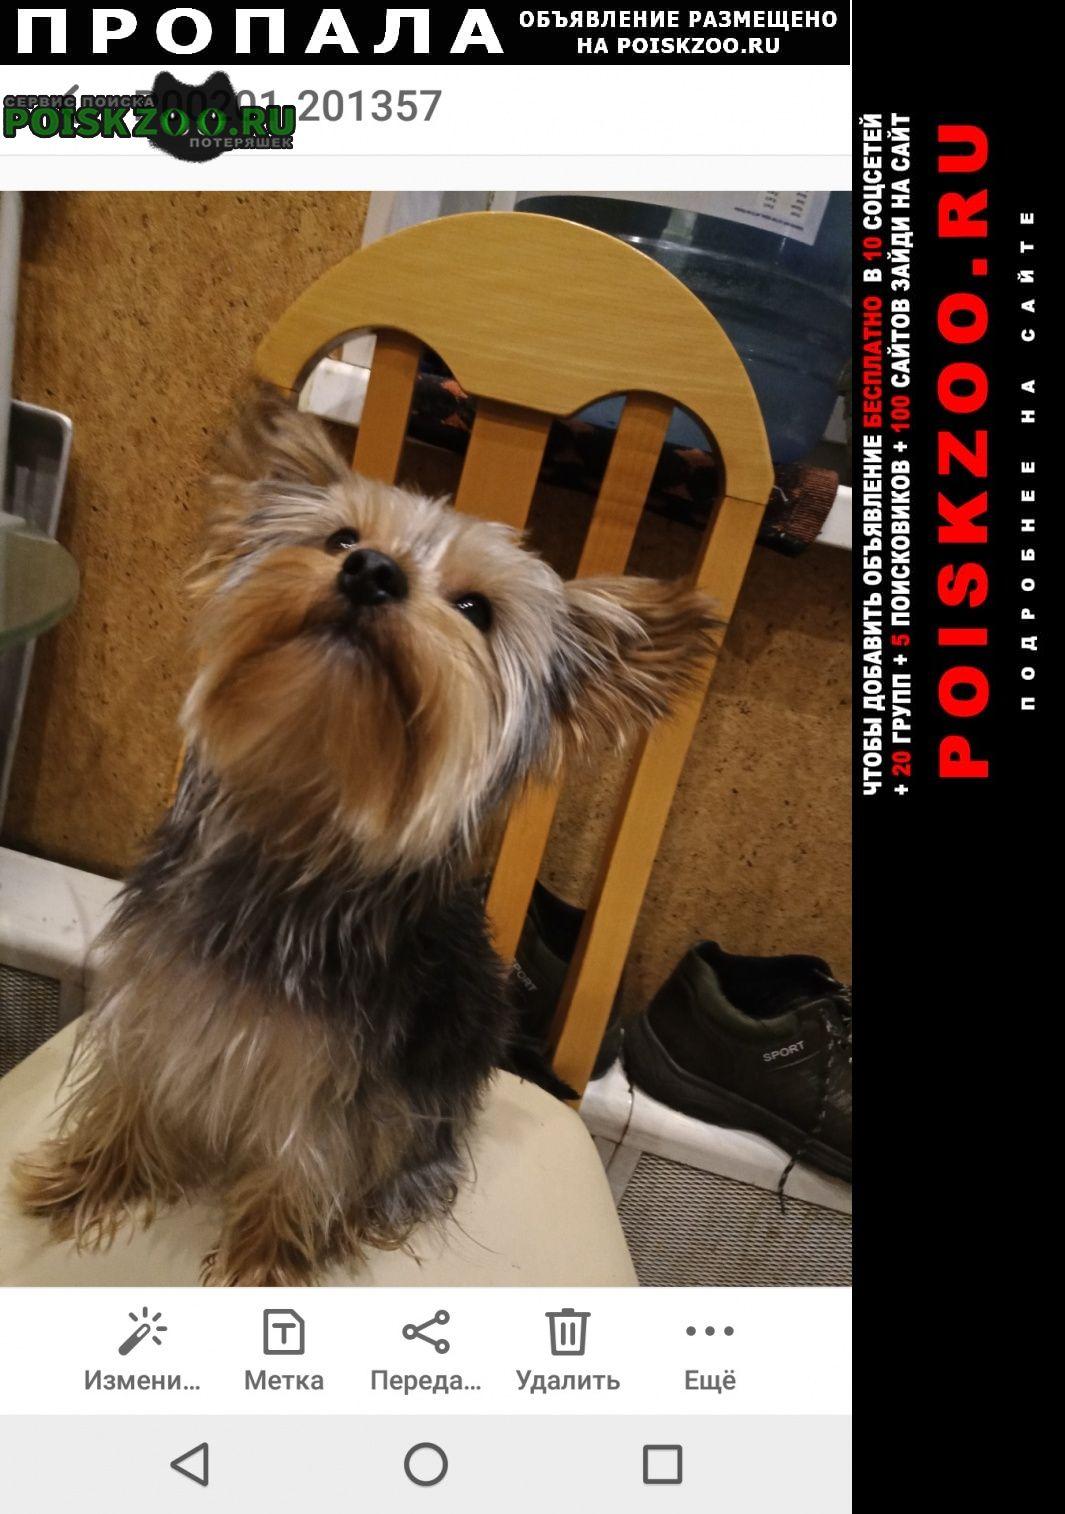 Пропала собака мини йорк 2 года, кличка Шатура